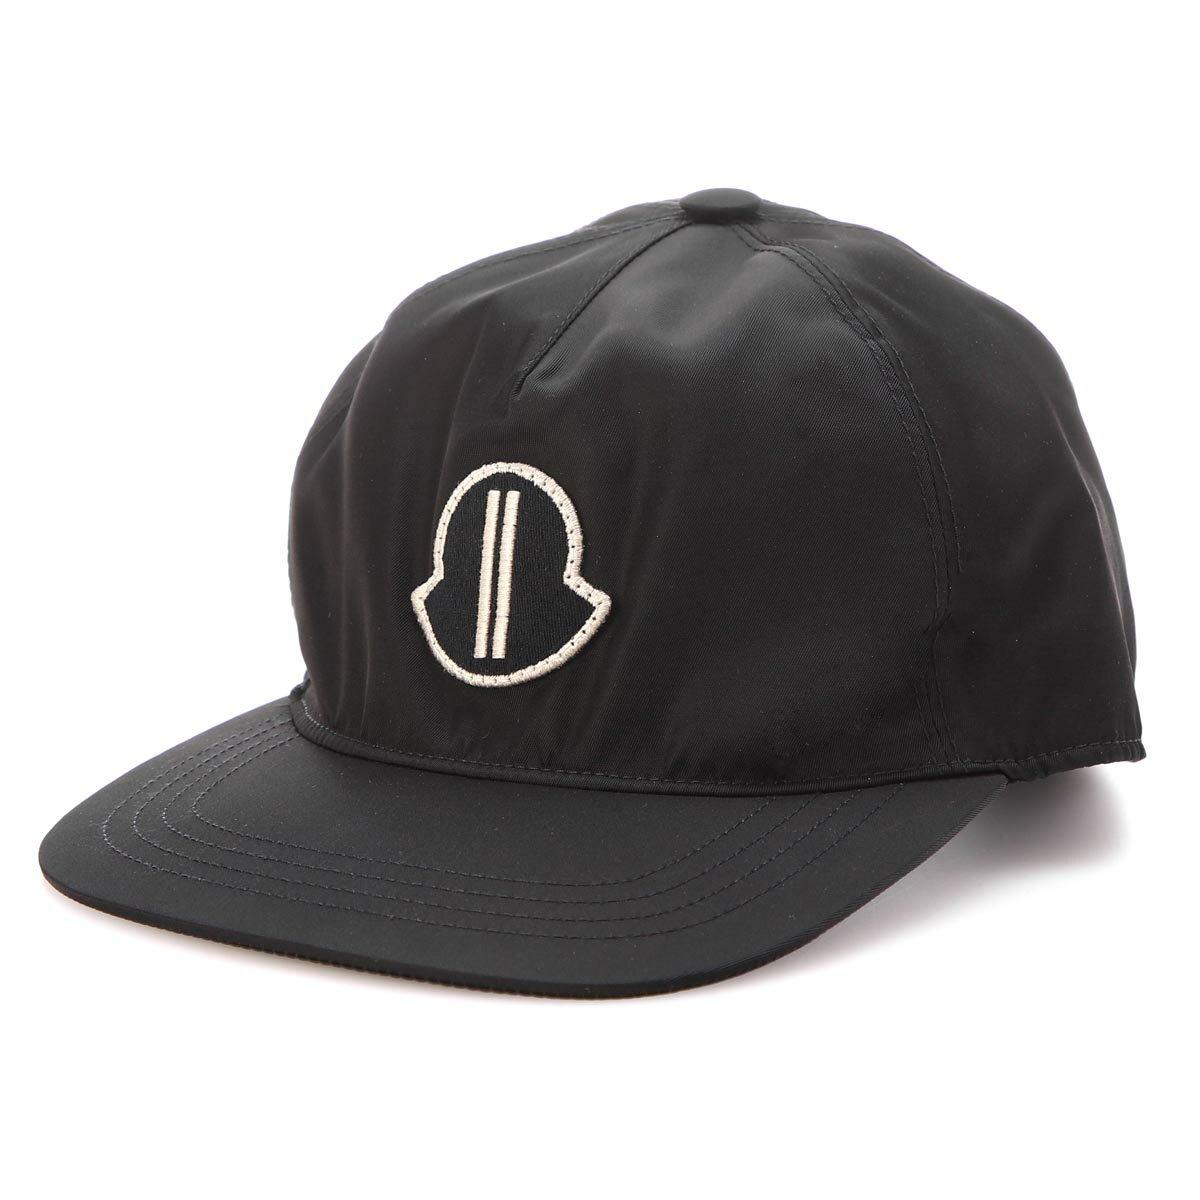 メンズ帽子, キャップ  MONCLER 3b70100 539tl 999 MONCLER RICK OWENS